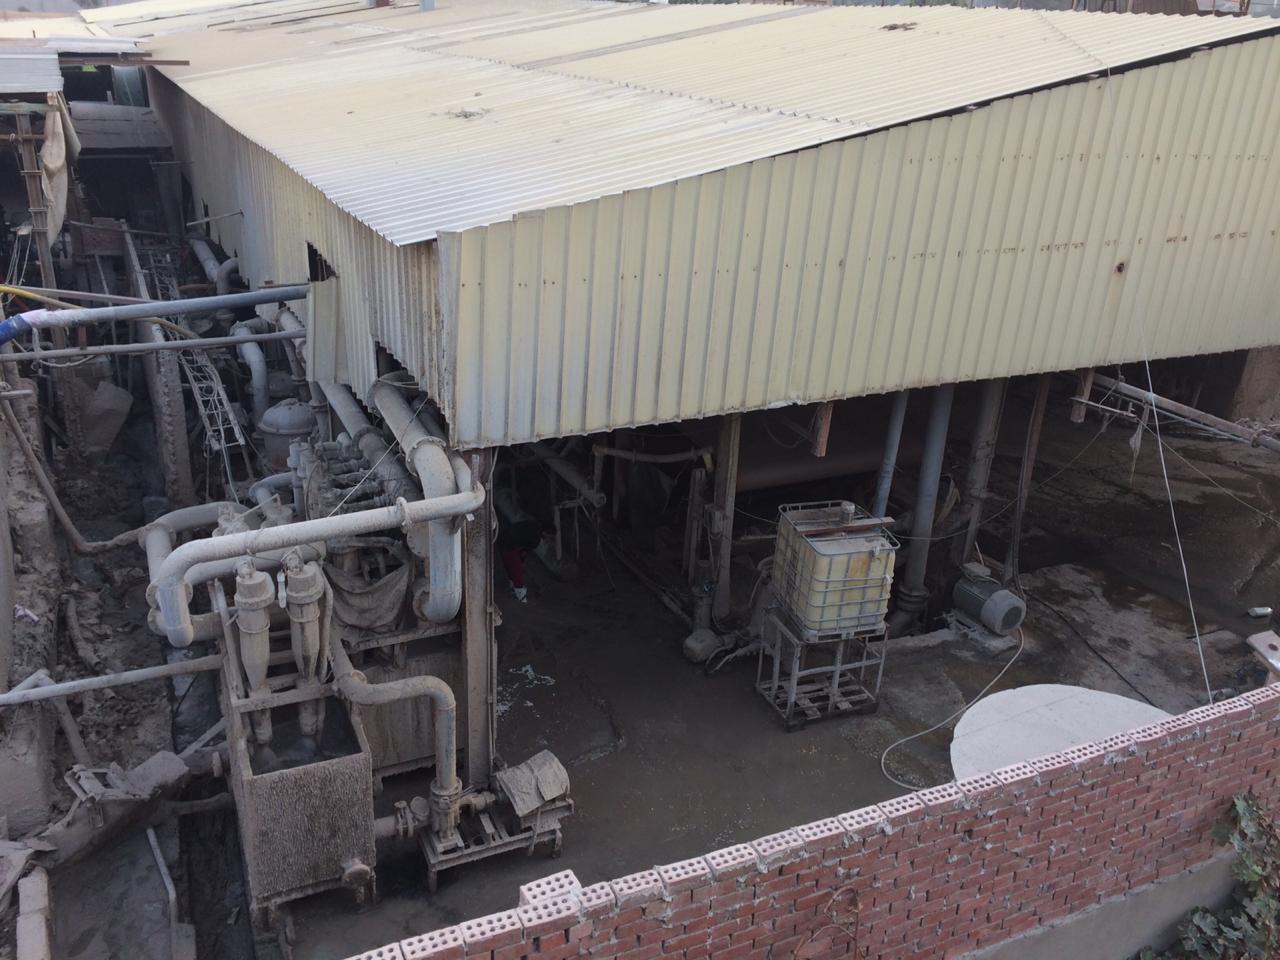 شكوى من التلوث البيئى والسمعى لمصنع للكرتون بطره المعادى  (2)